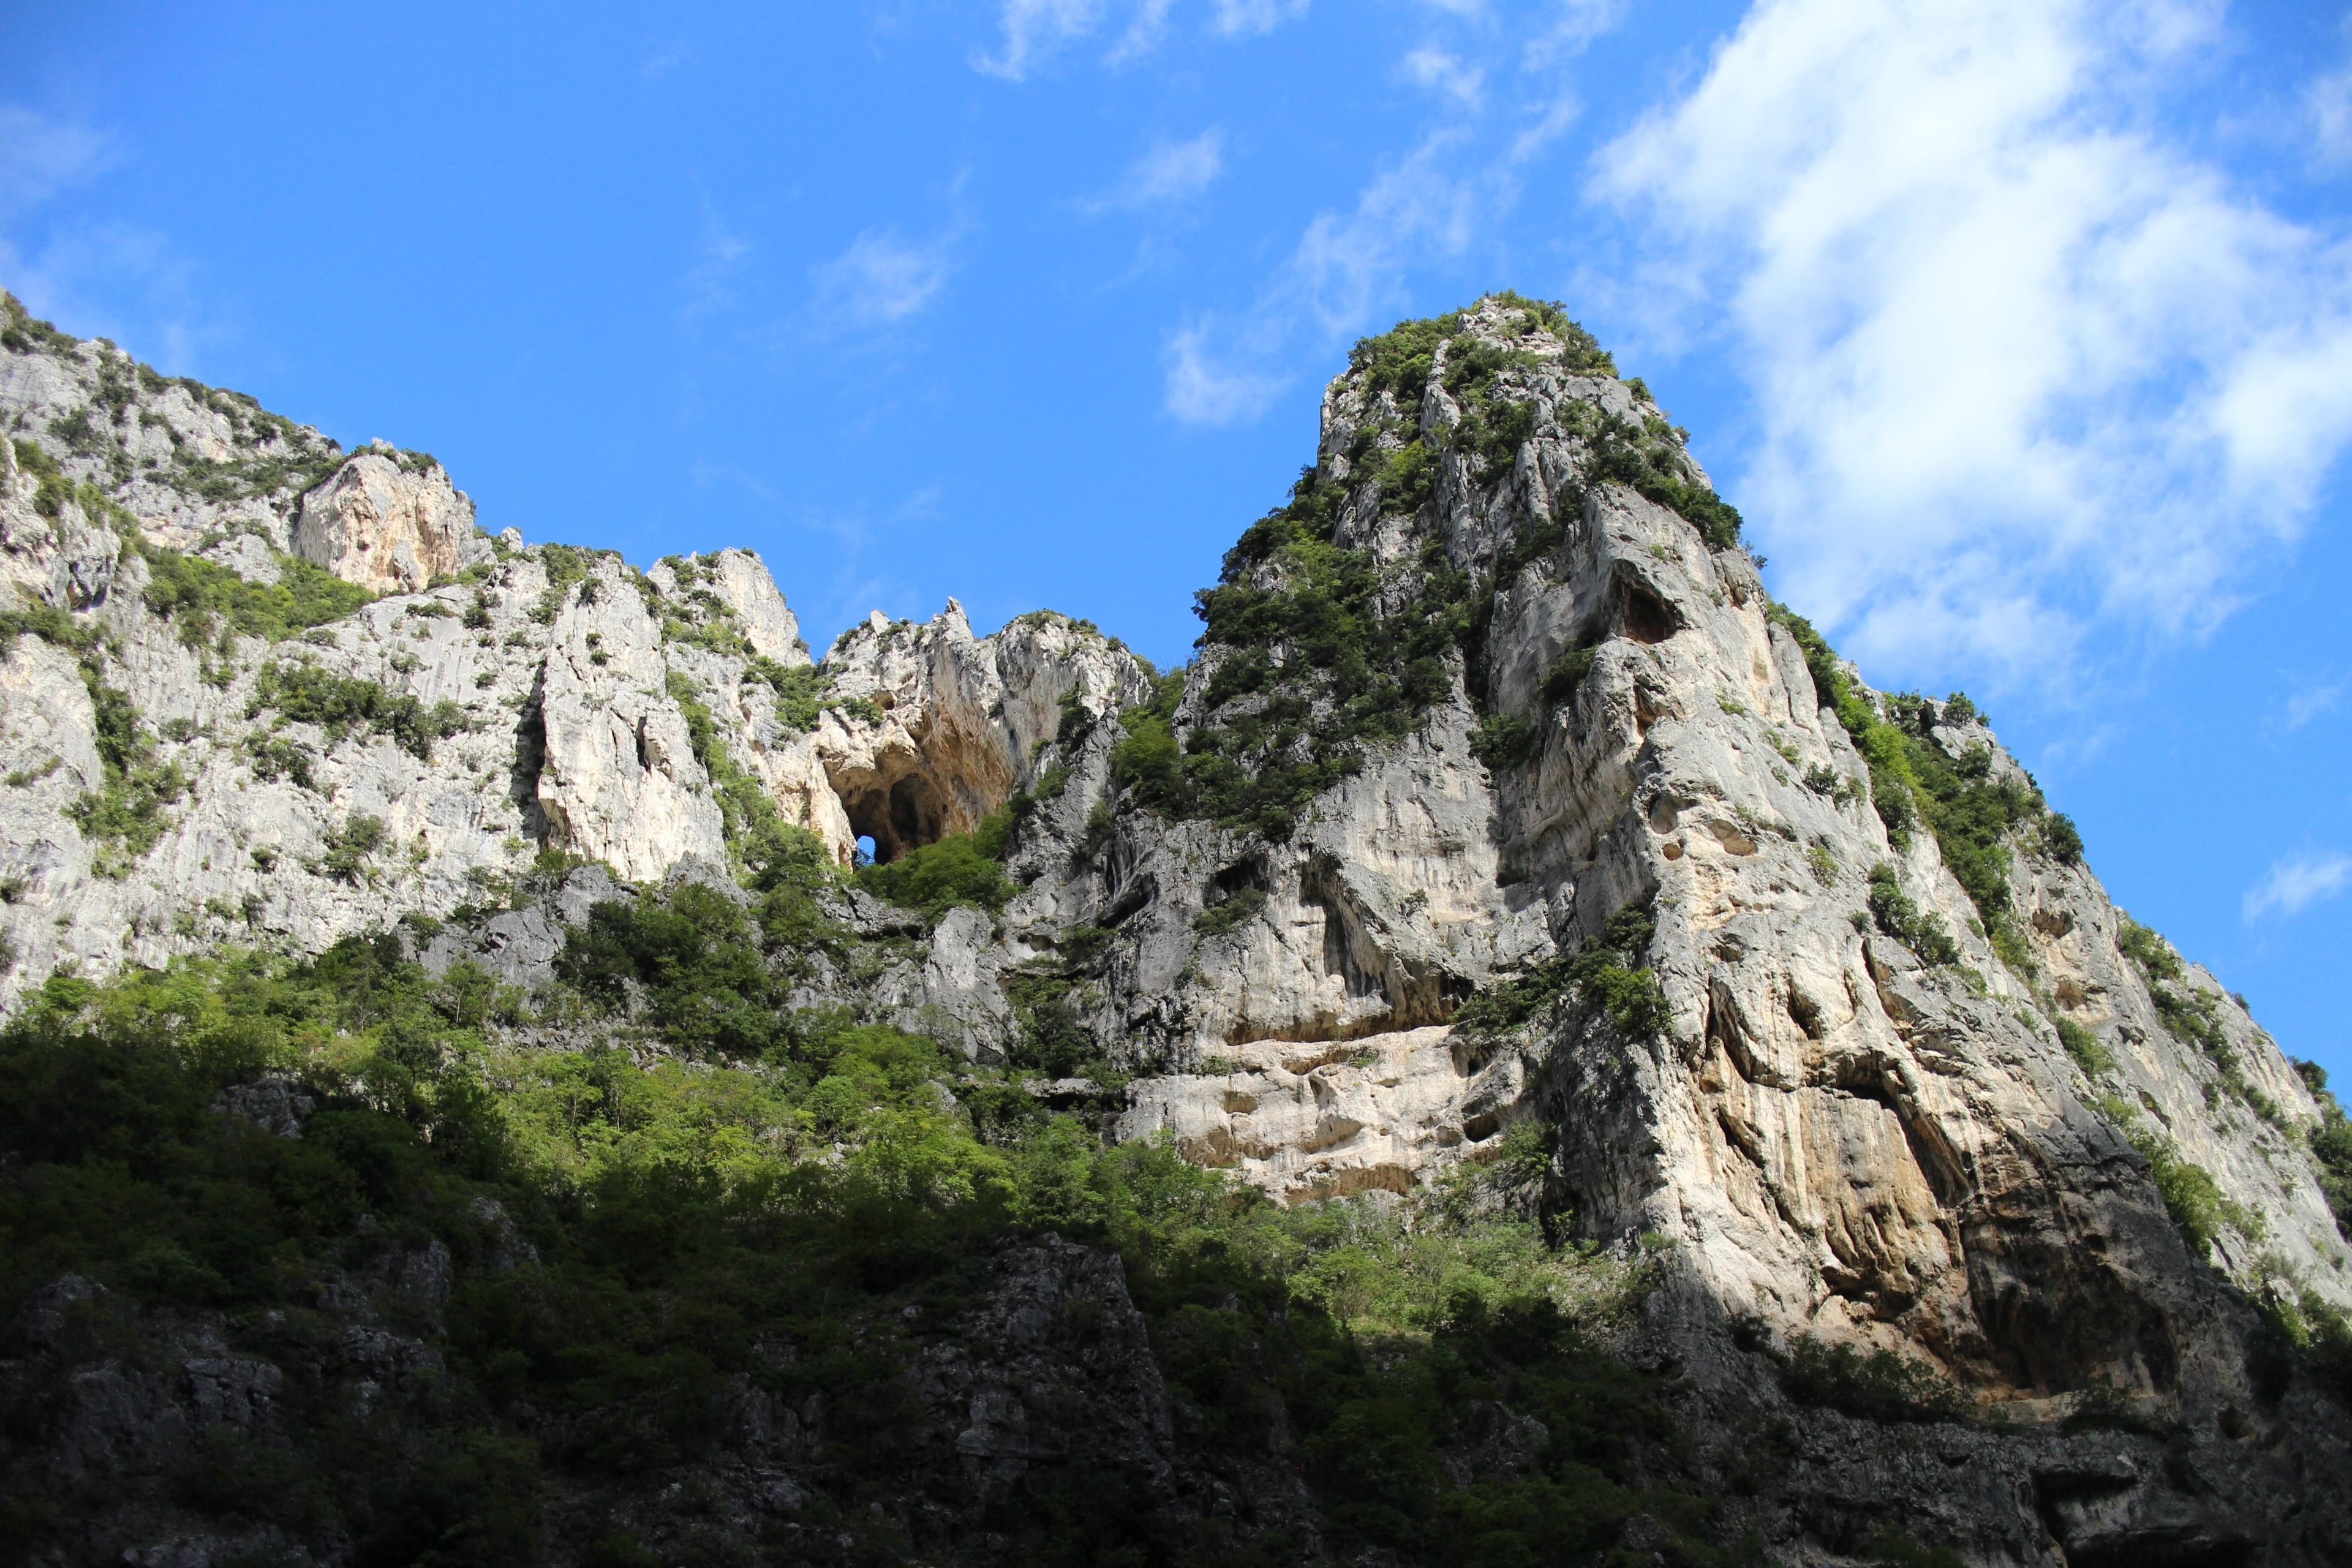 Grotte di Frasassi, Genga, Marche, Italië